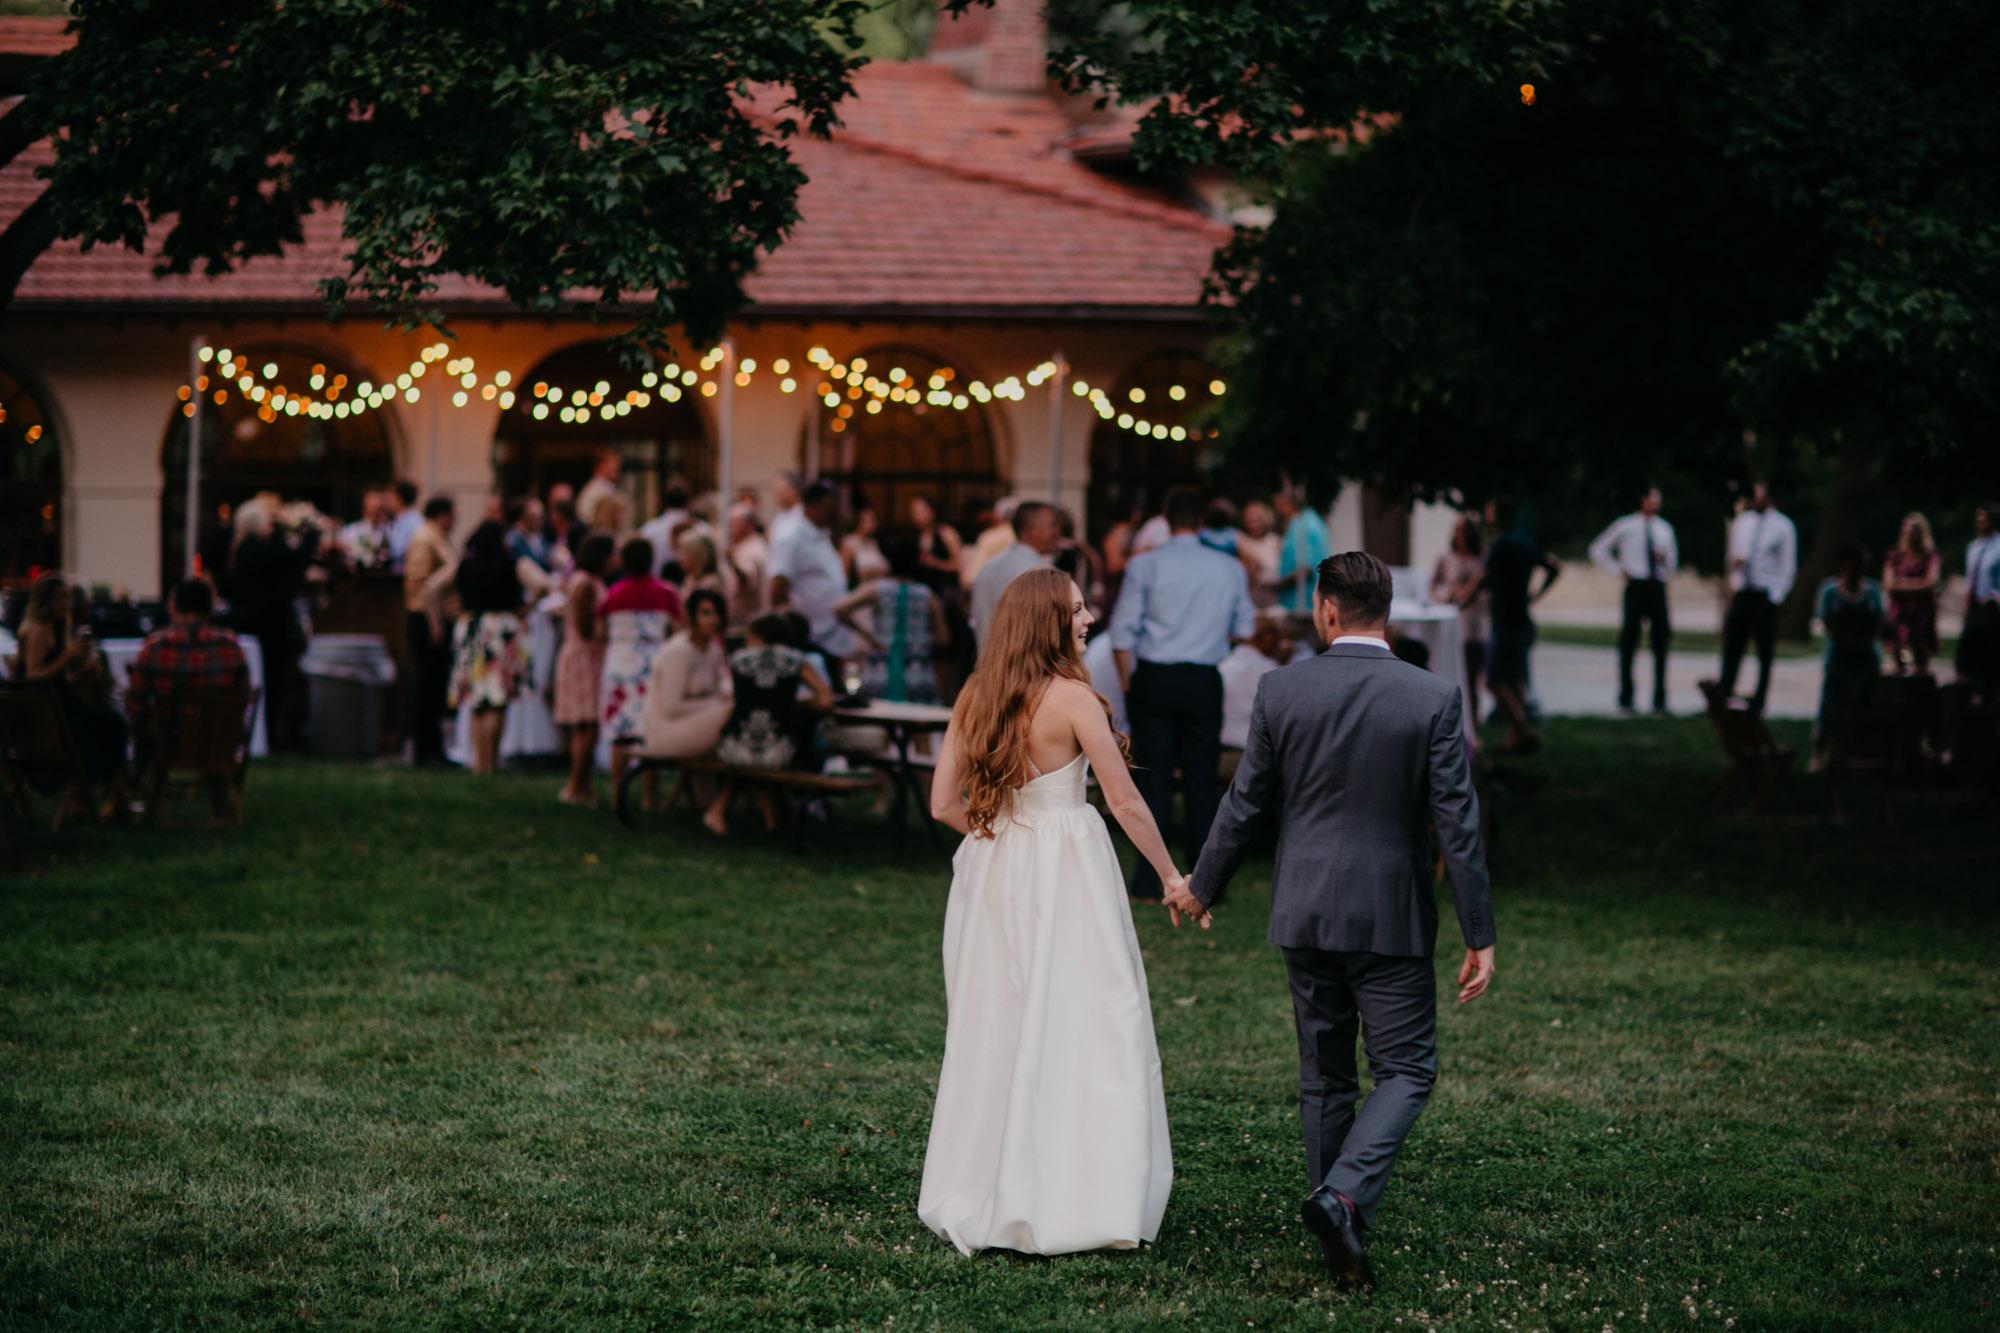 elmwood-park-wedding-photographer-nicole-jon-31.jpg